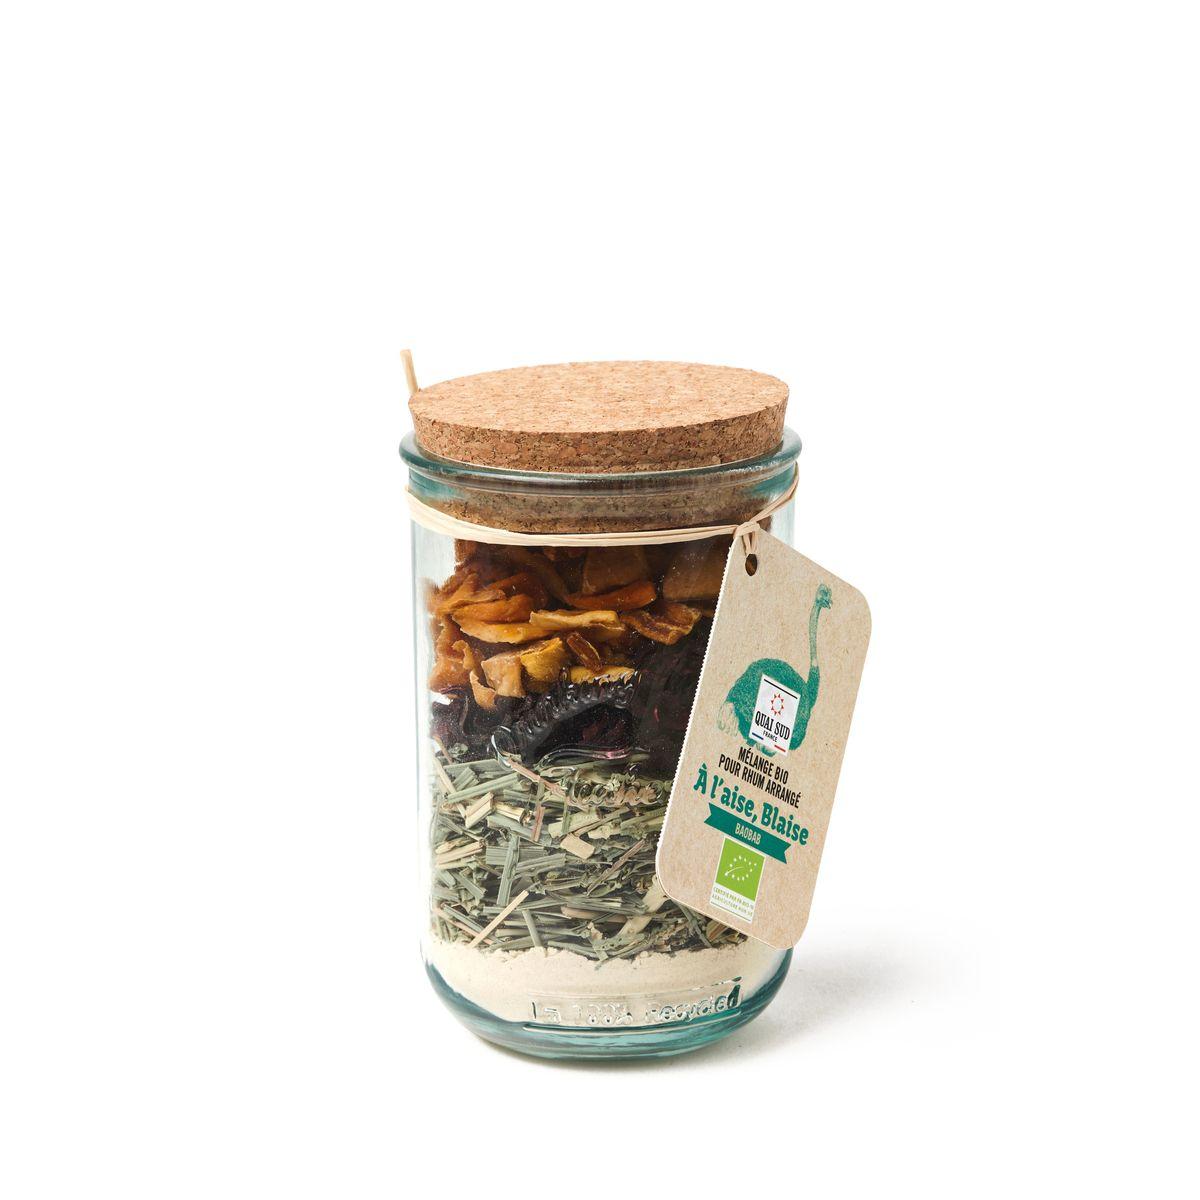 Mélange Bio pour Rhum arrangé en tumbler en verre recyclé A l´aise Blaise Baobab 100g - Quai Sud